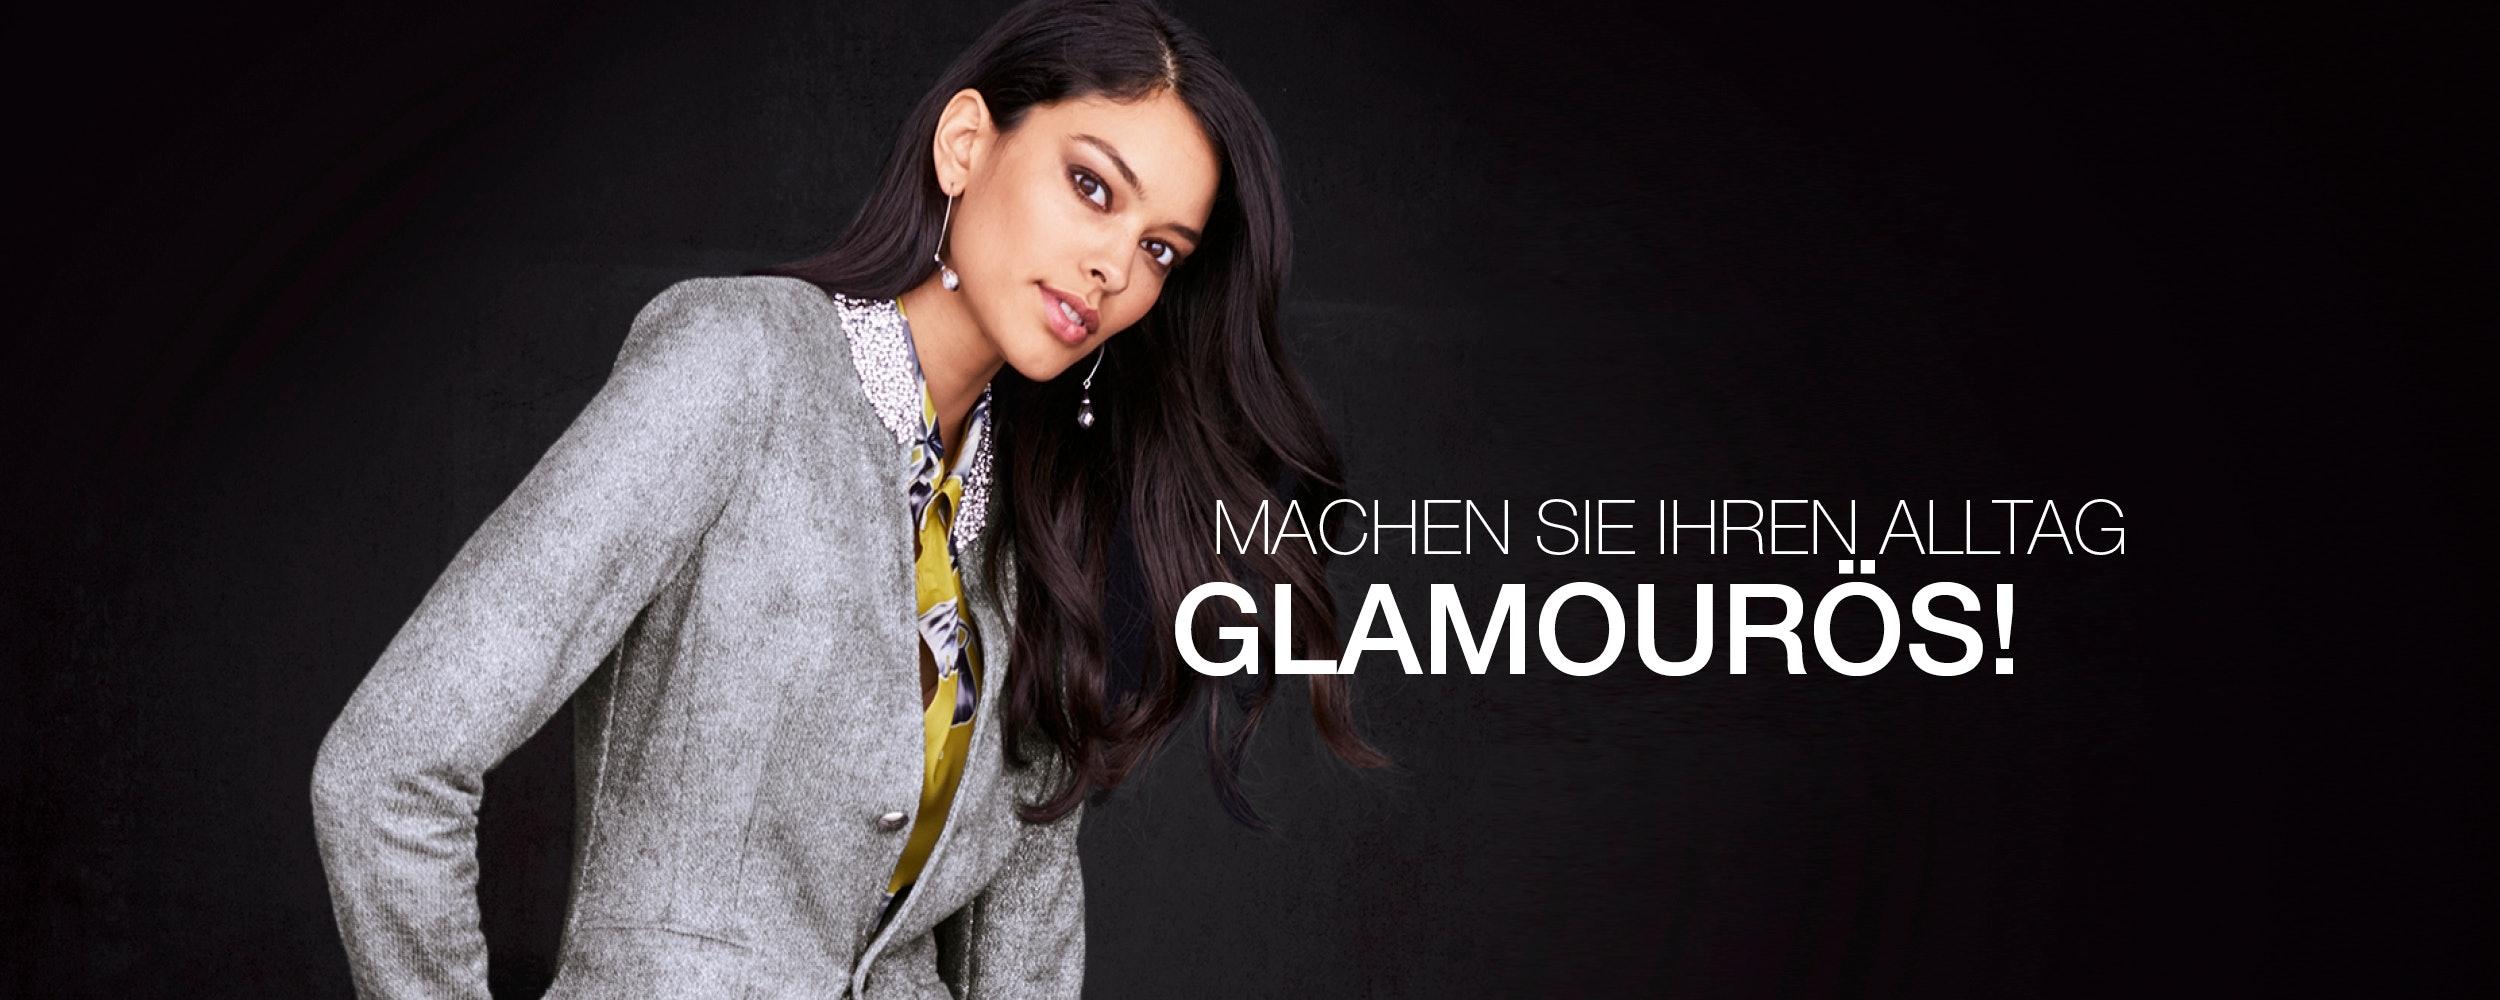 Machen Sie Ihren Alltag glamourös!